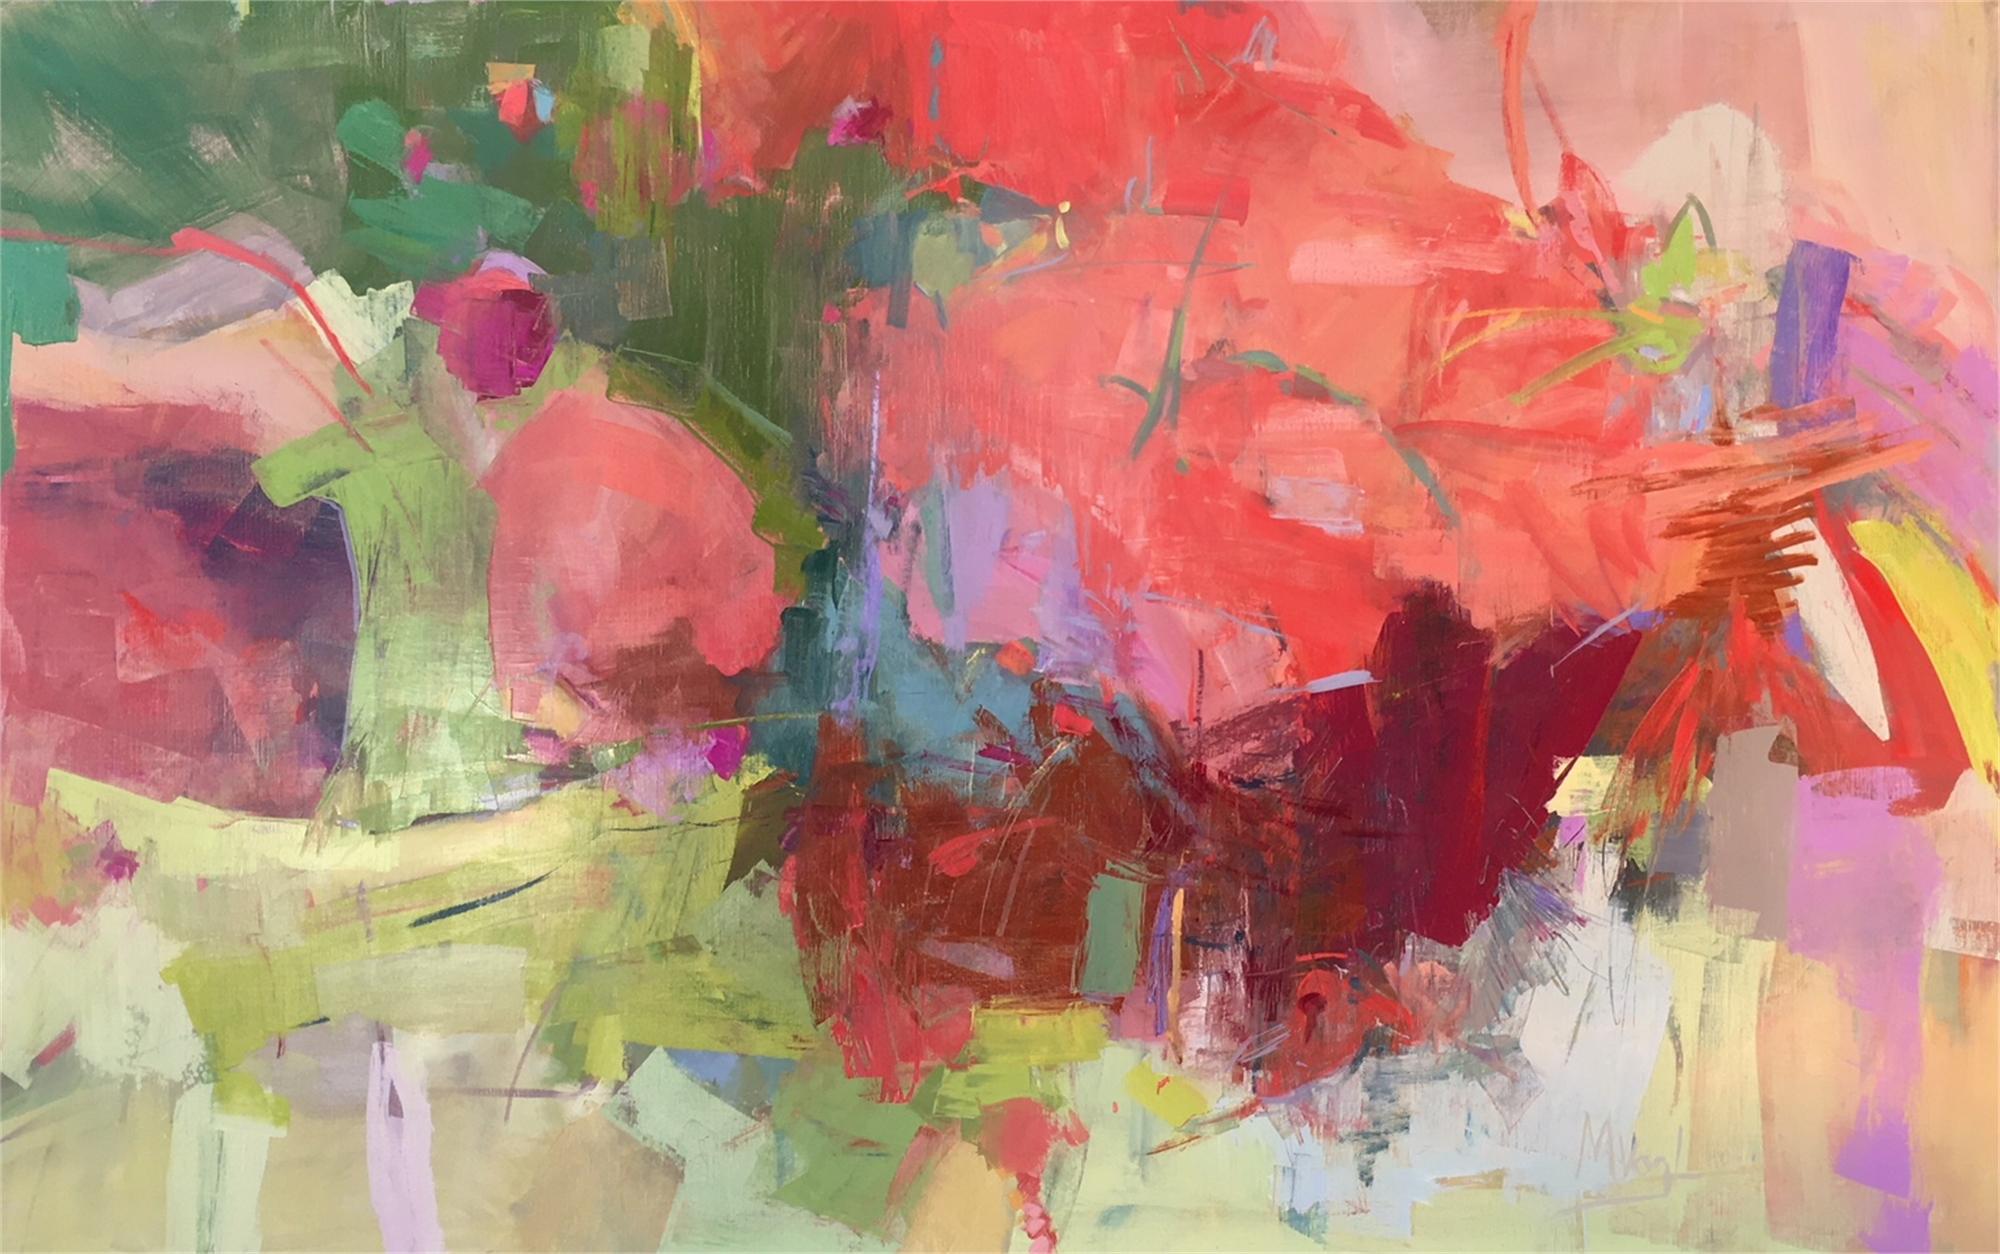 Scarlet Begonias by Marissa Vogl